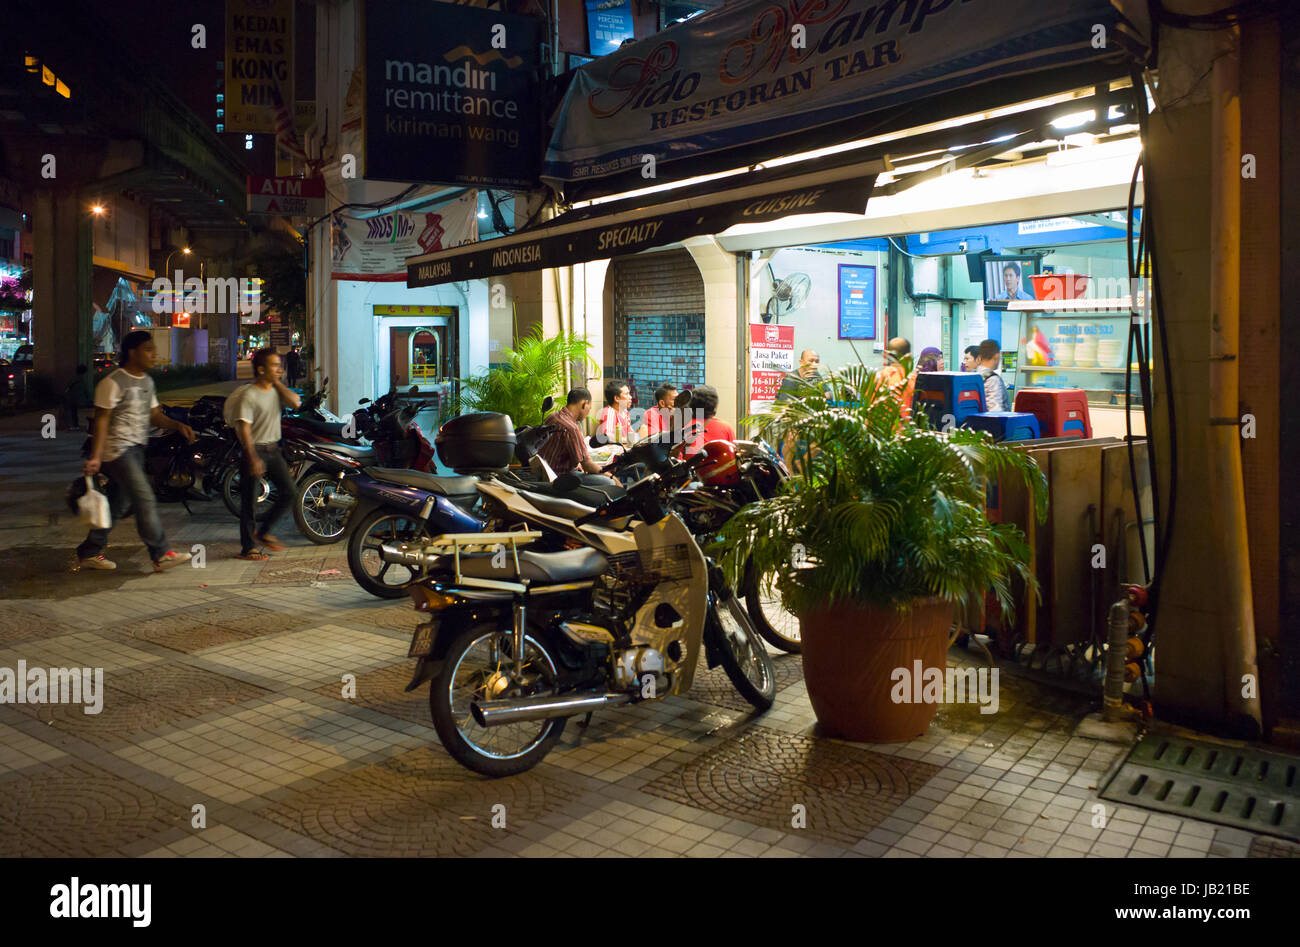 Roadside café in evening in Chow Kit, Kuala Lumpur, Malaysia - Stock Image